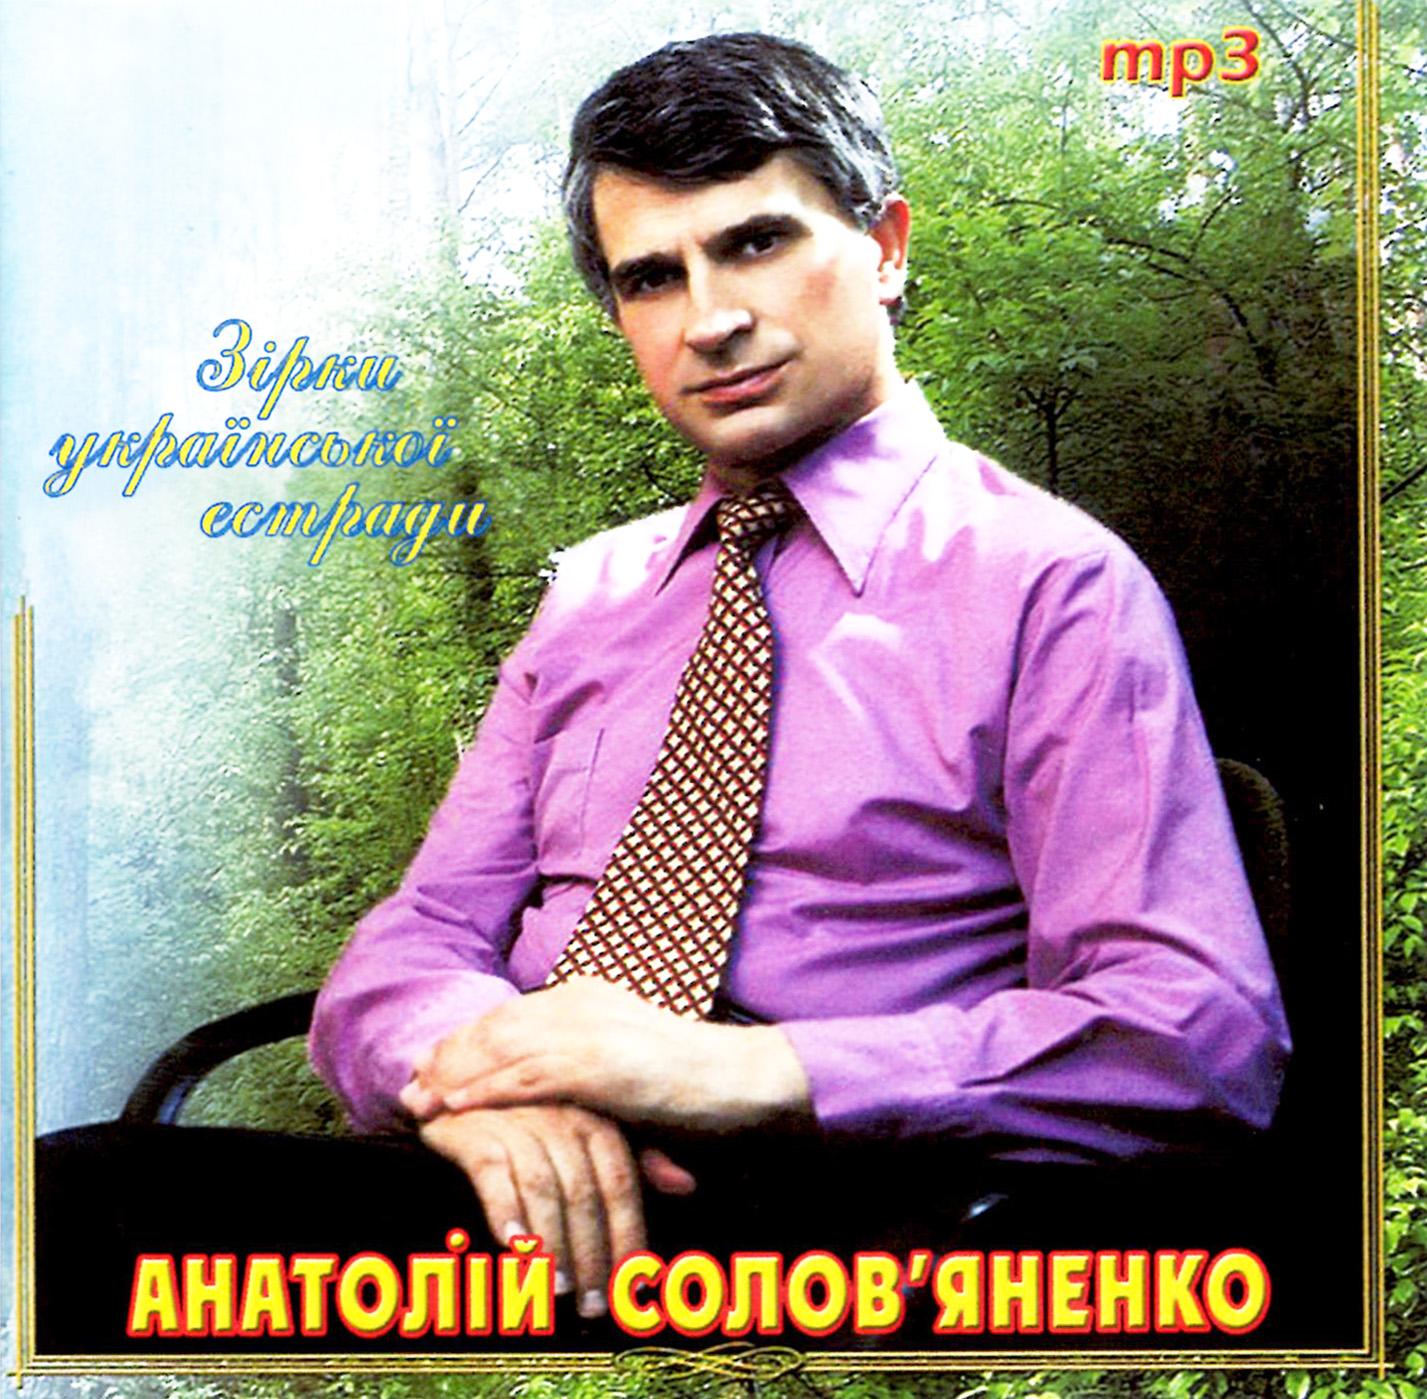 Анатолій Солов'яненко [mp3]